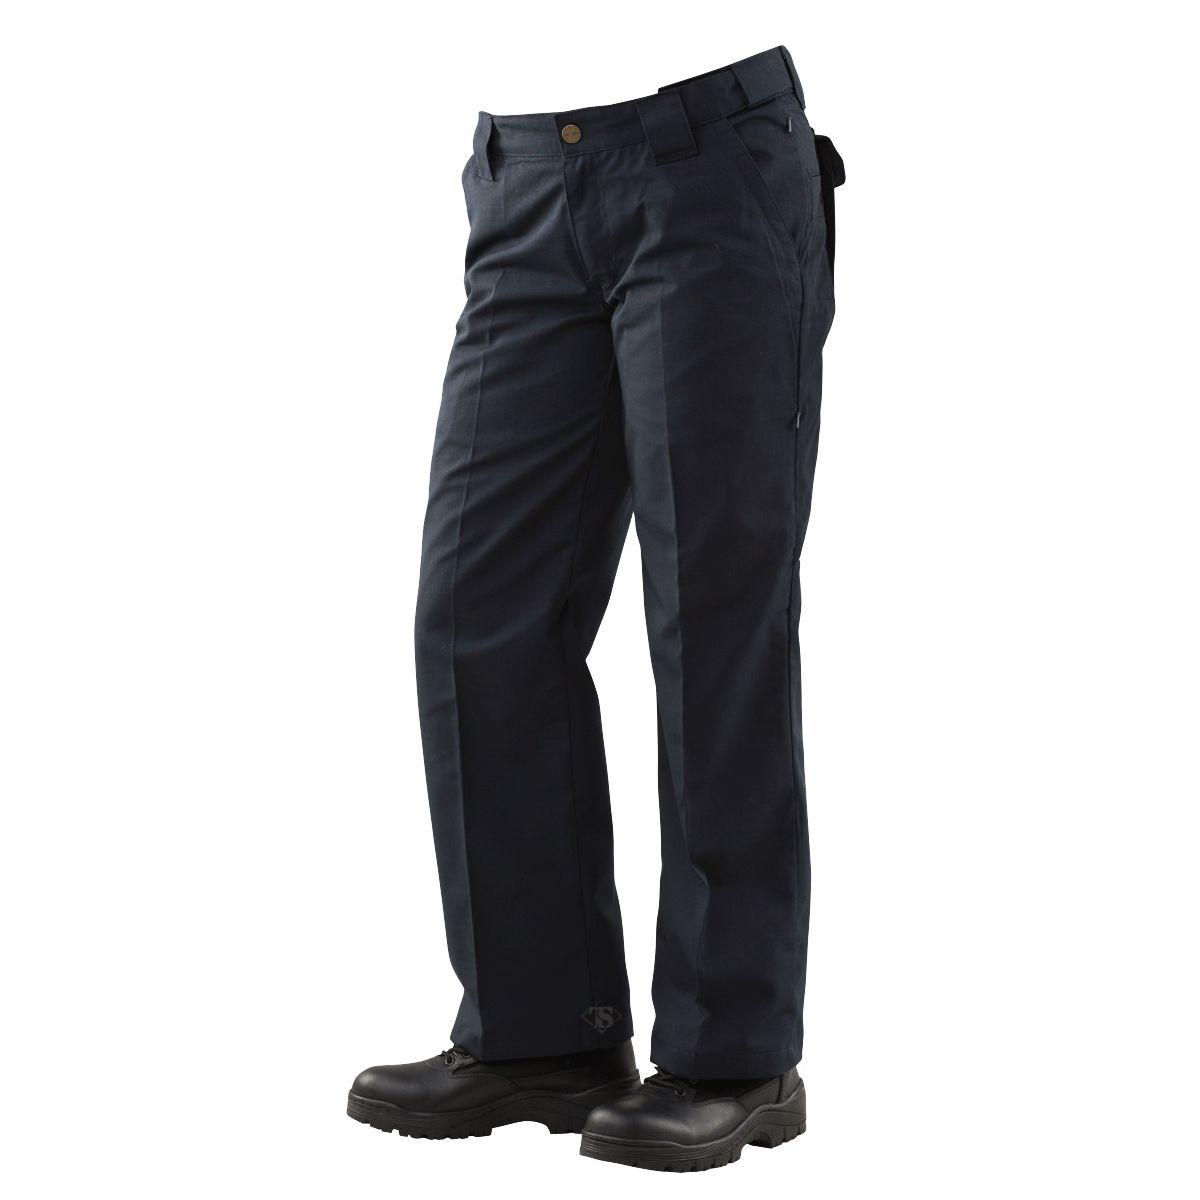 Kalhoty 24-7 dámské CLASSIC rip-stop MODRÉ - zvìtšit obrázek